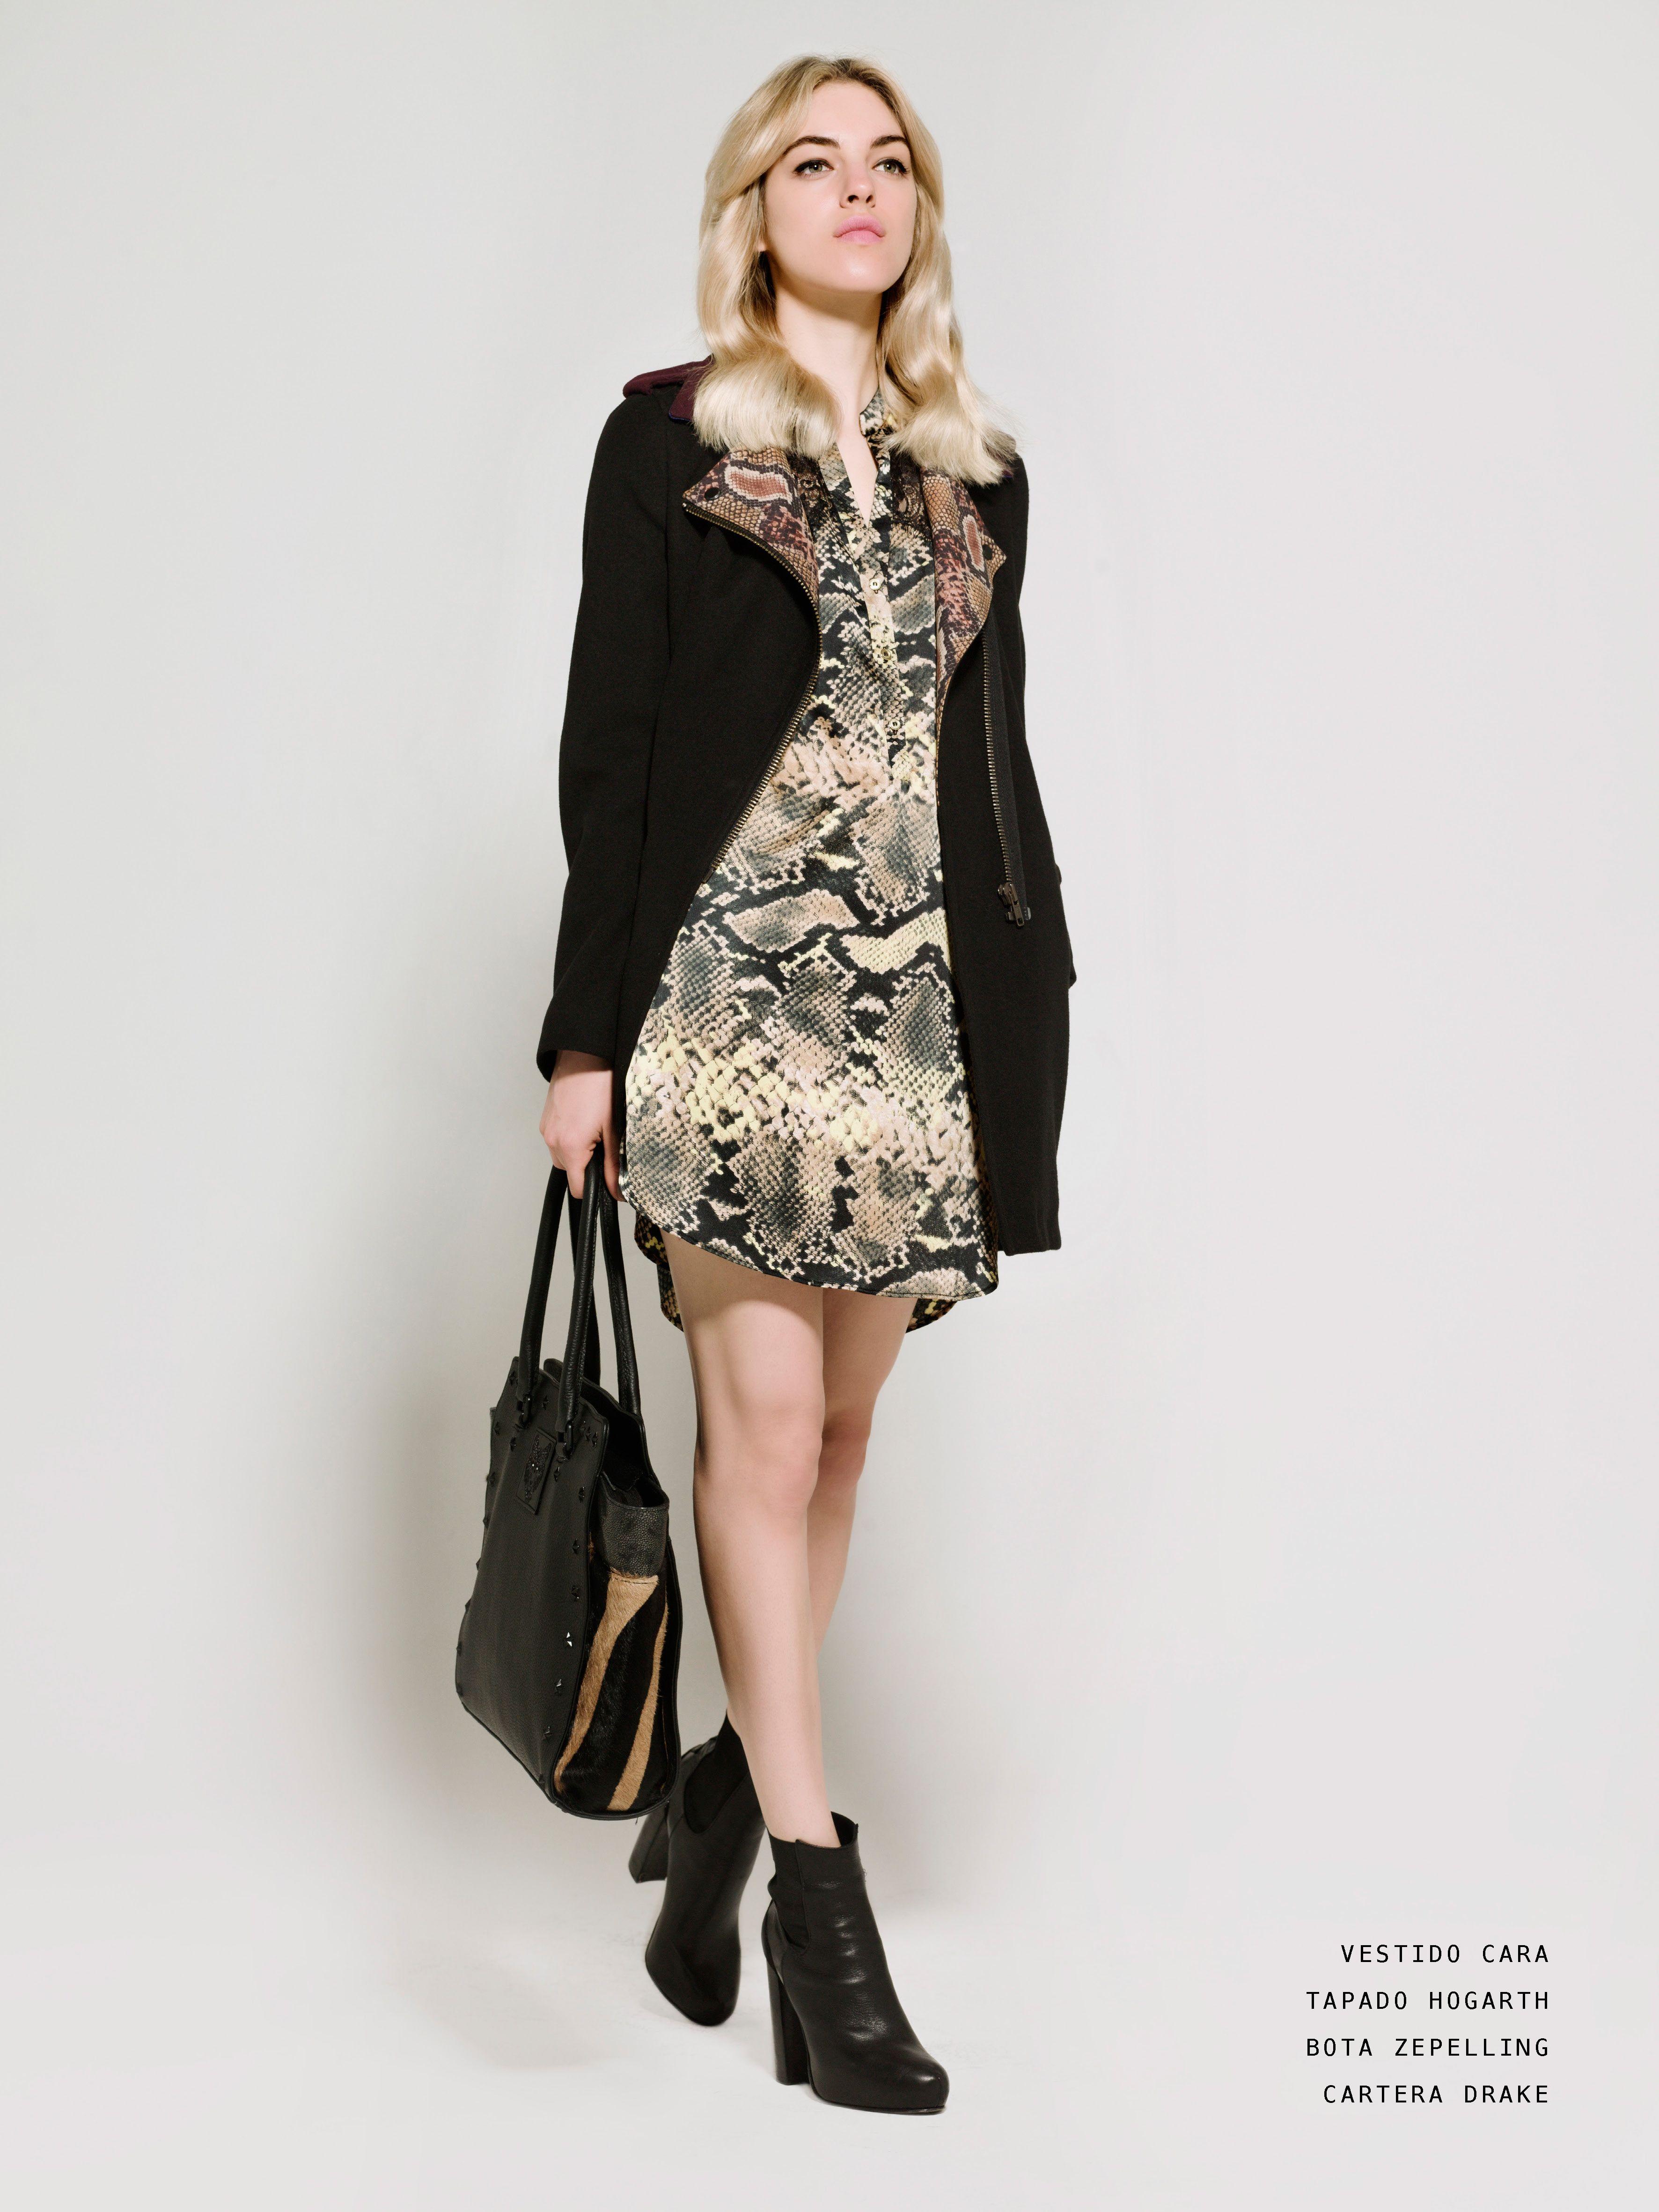 Moda, De moda, Otoño invierno 2014